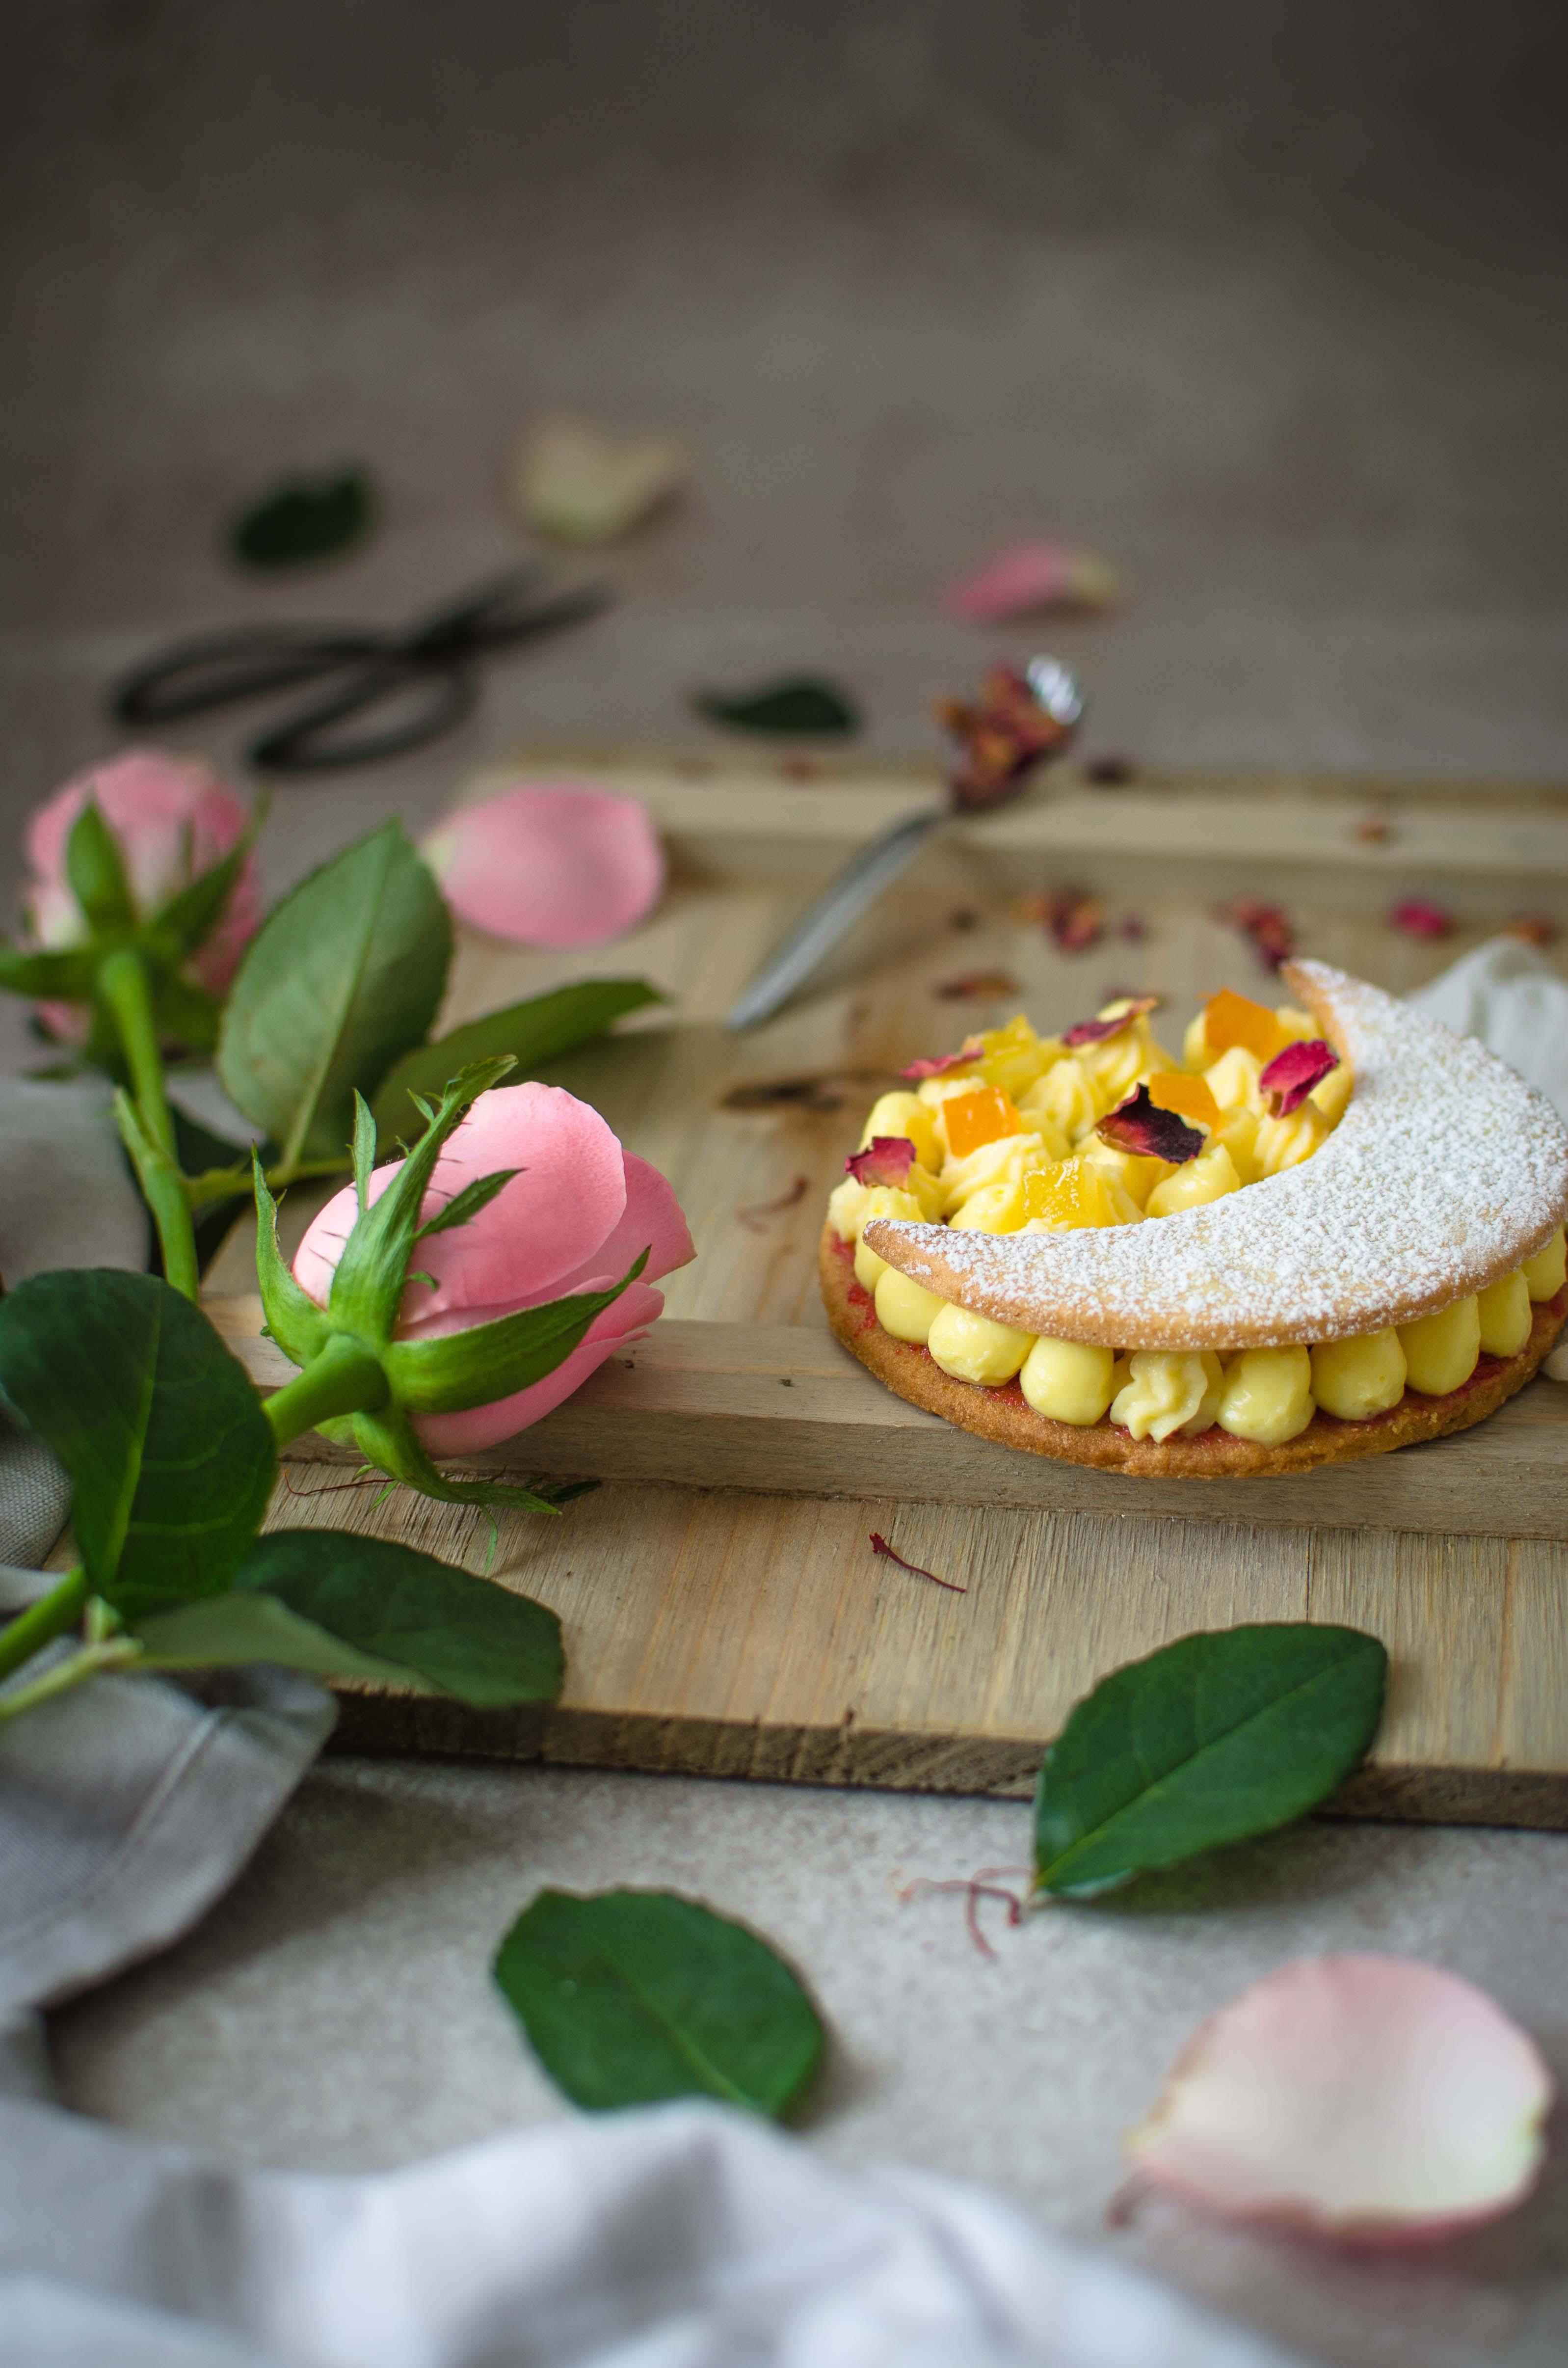 zafferano_agrumi_rosa4 Tartelette zafferano, agrumi e rose